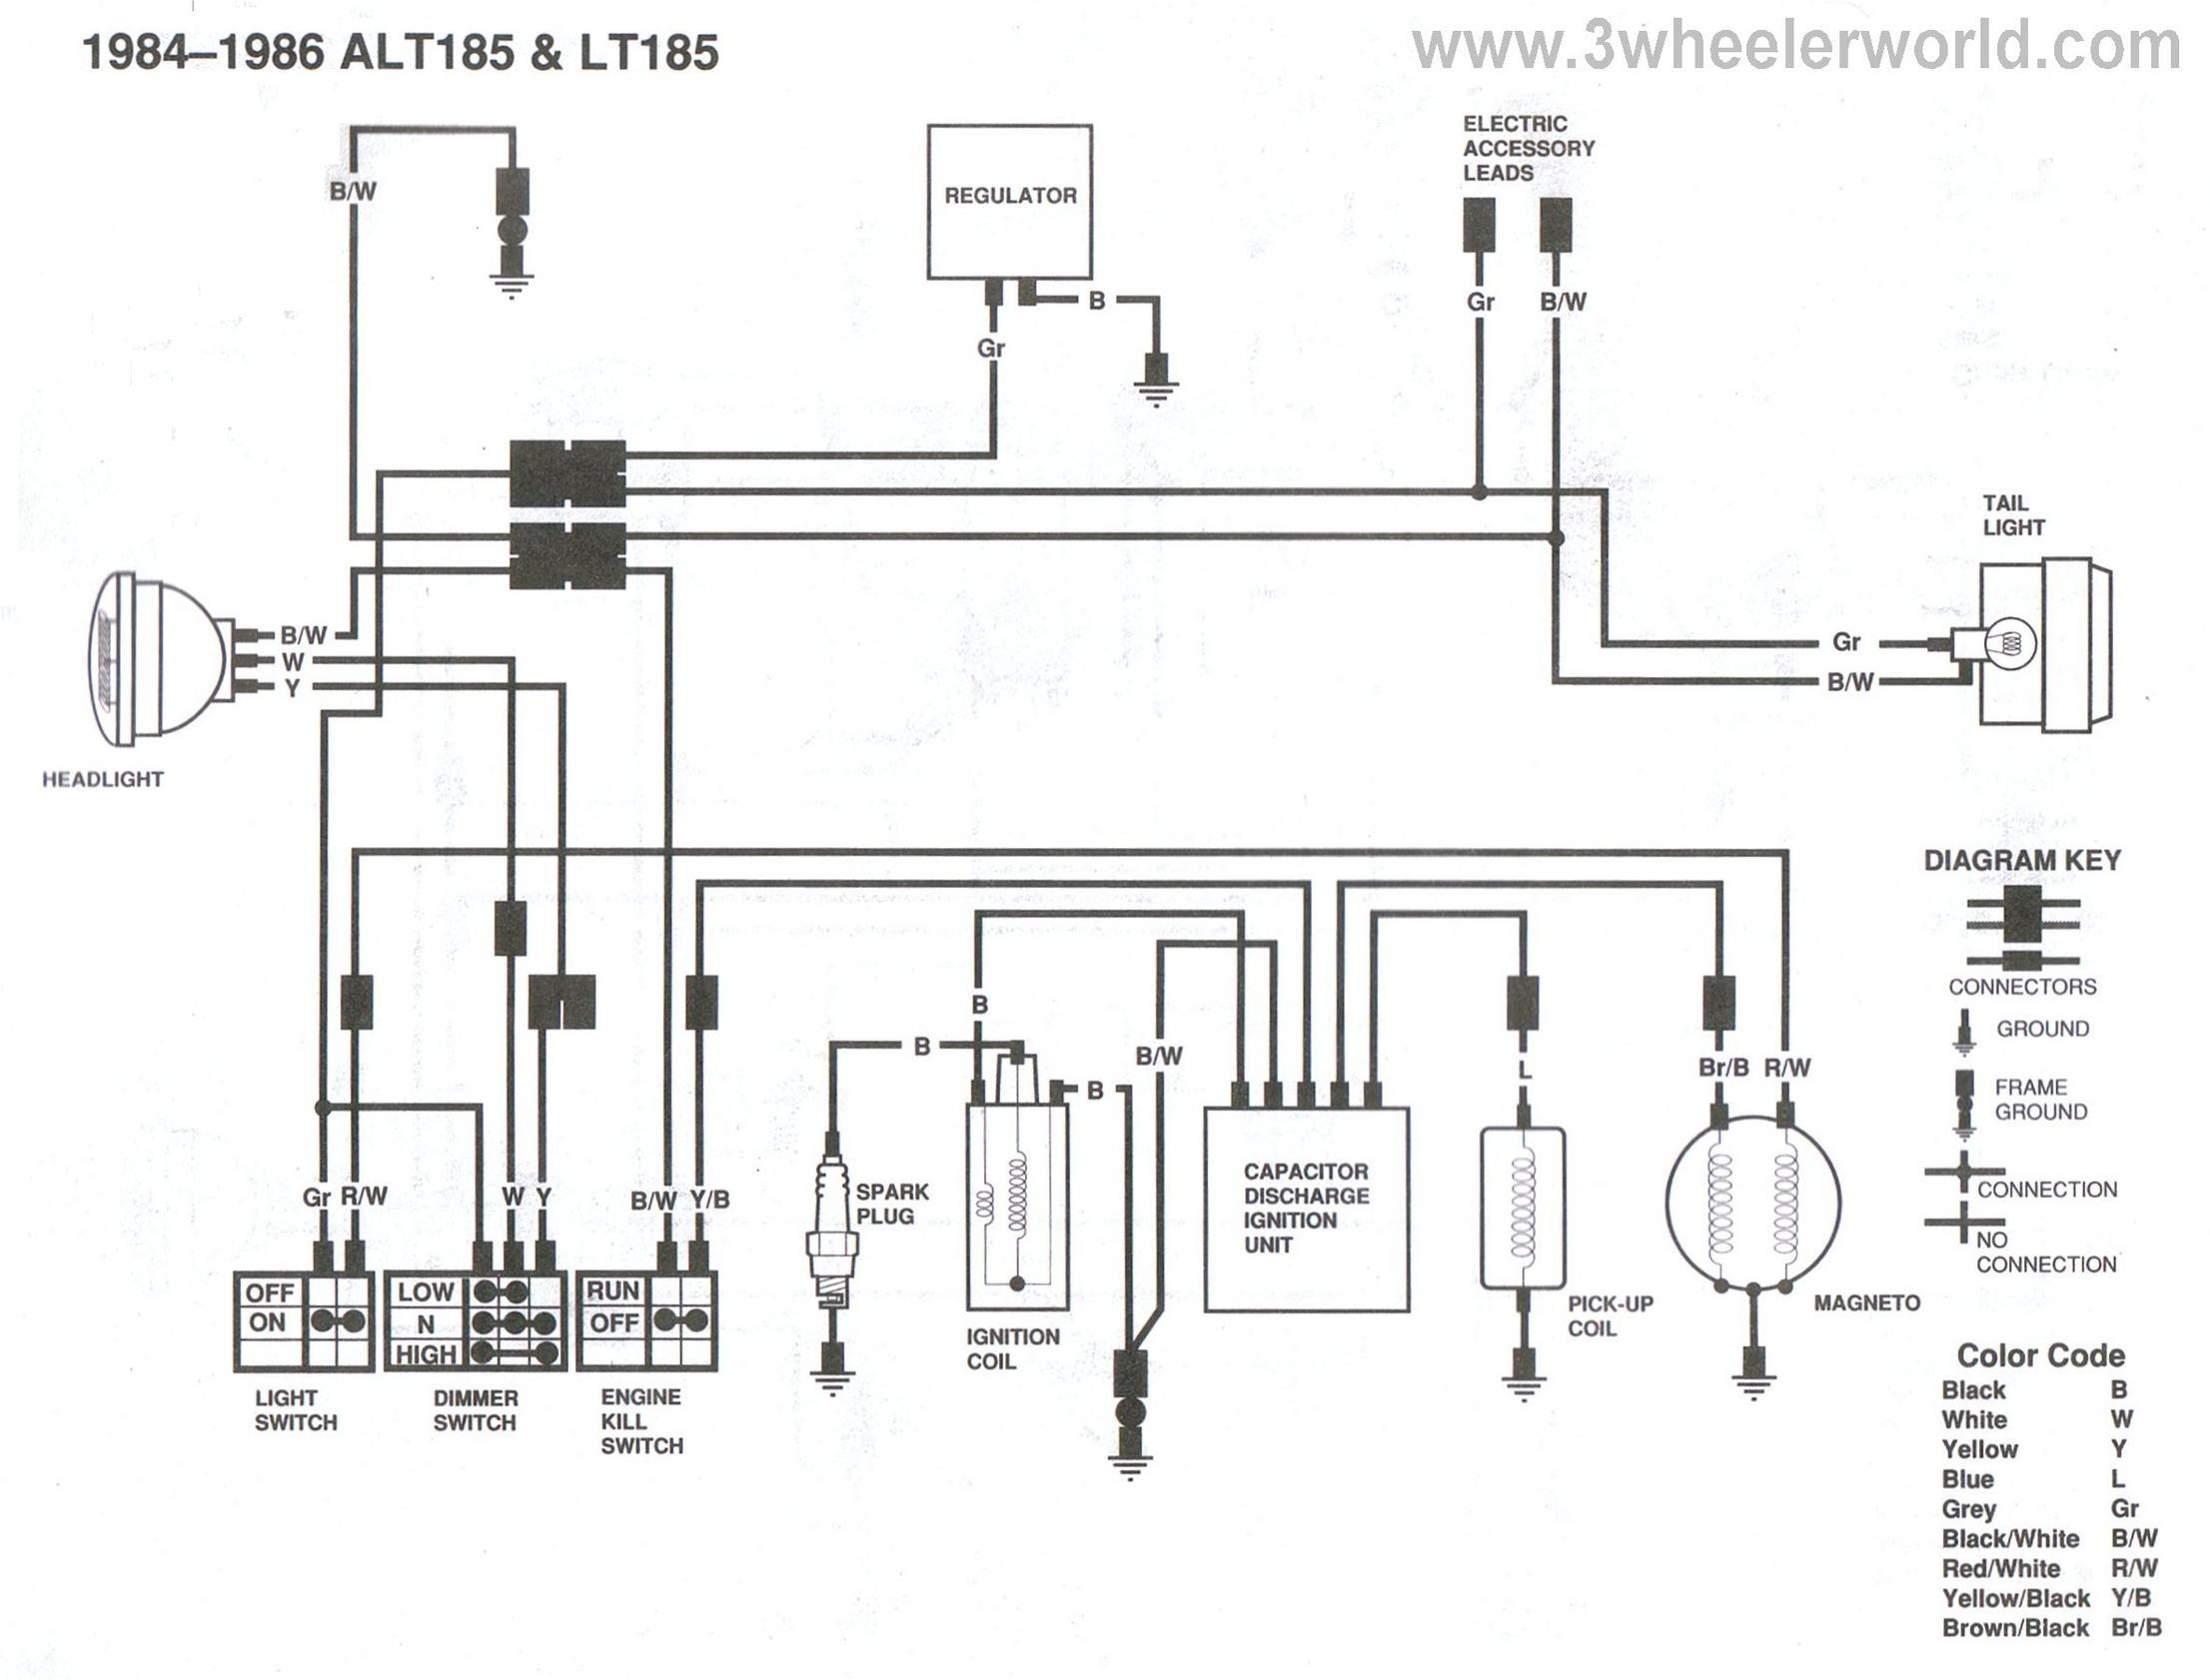 1986 suzuki lt250r wiring diagram 1986 image lt 250r wiring diagram lt auto wiring diagram schematic on 1986 suzuki lt250r wiring diagram